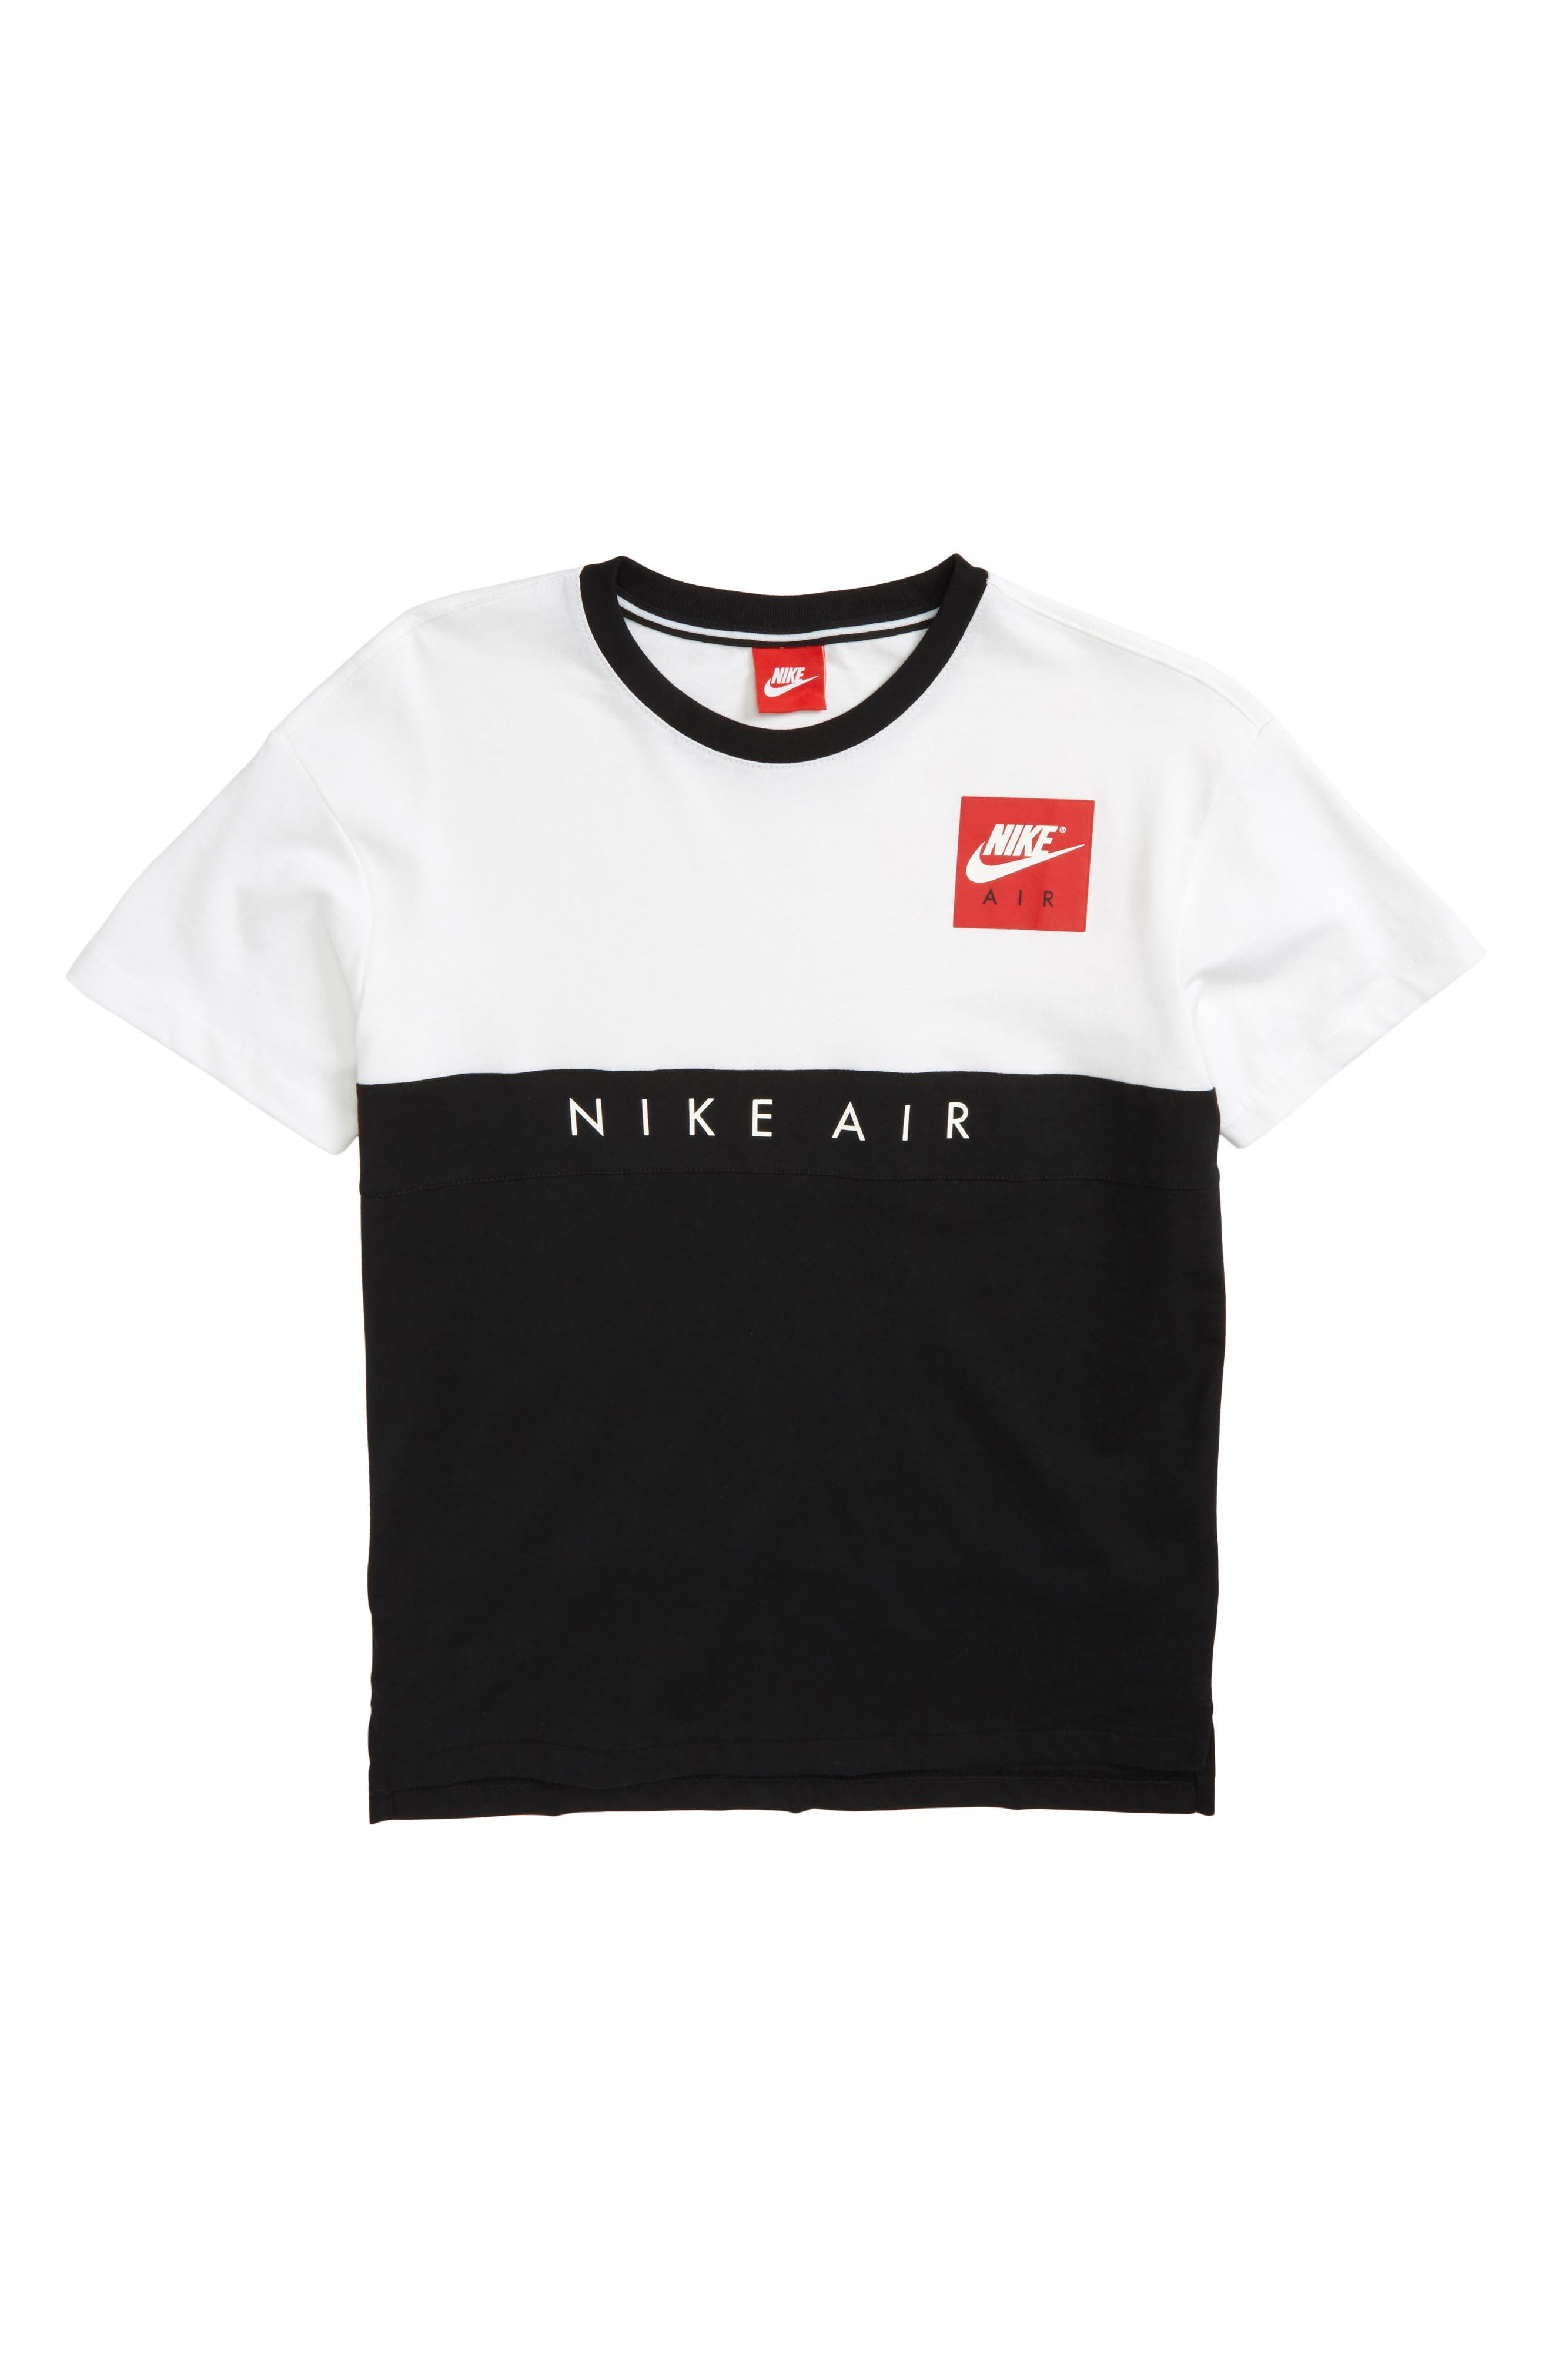 Air Shirt,                         Main,                         color, White/ Black